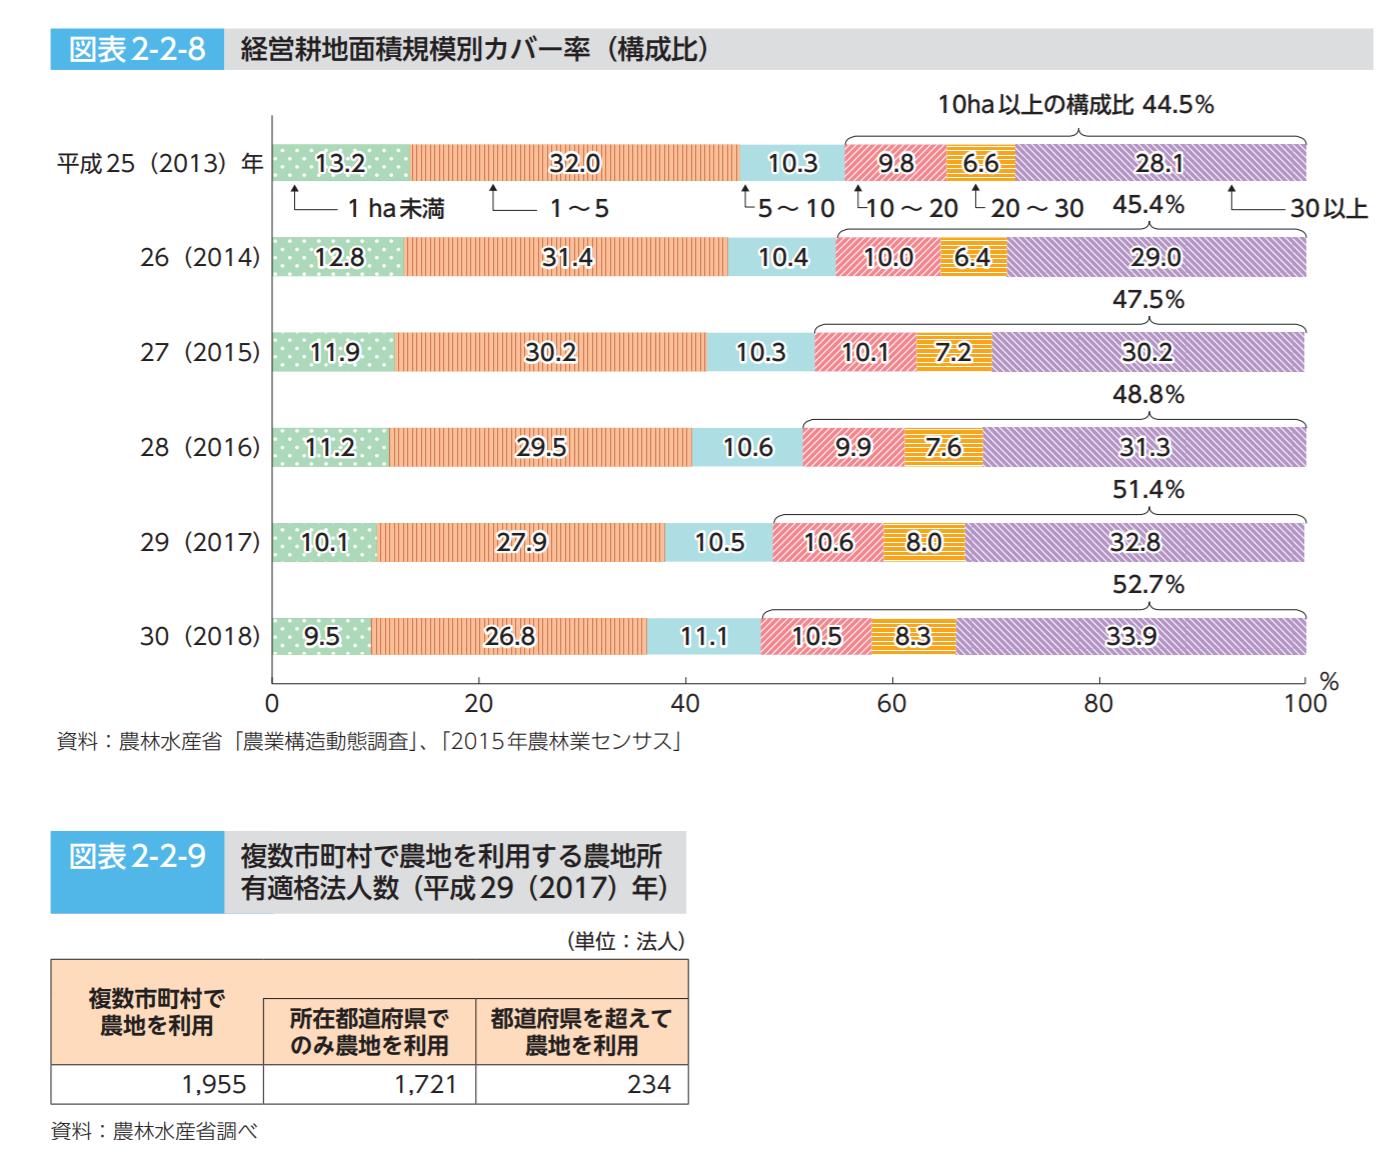 農林水産省「平成30年度 食料・農業・農村白書」全文 148ページより抜粋